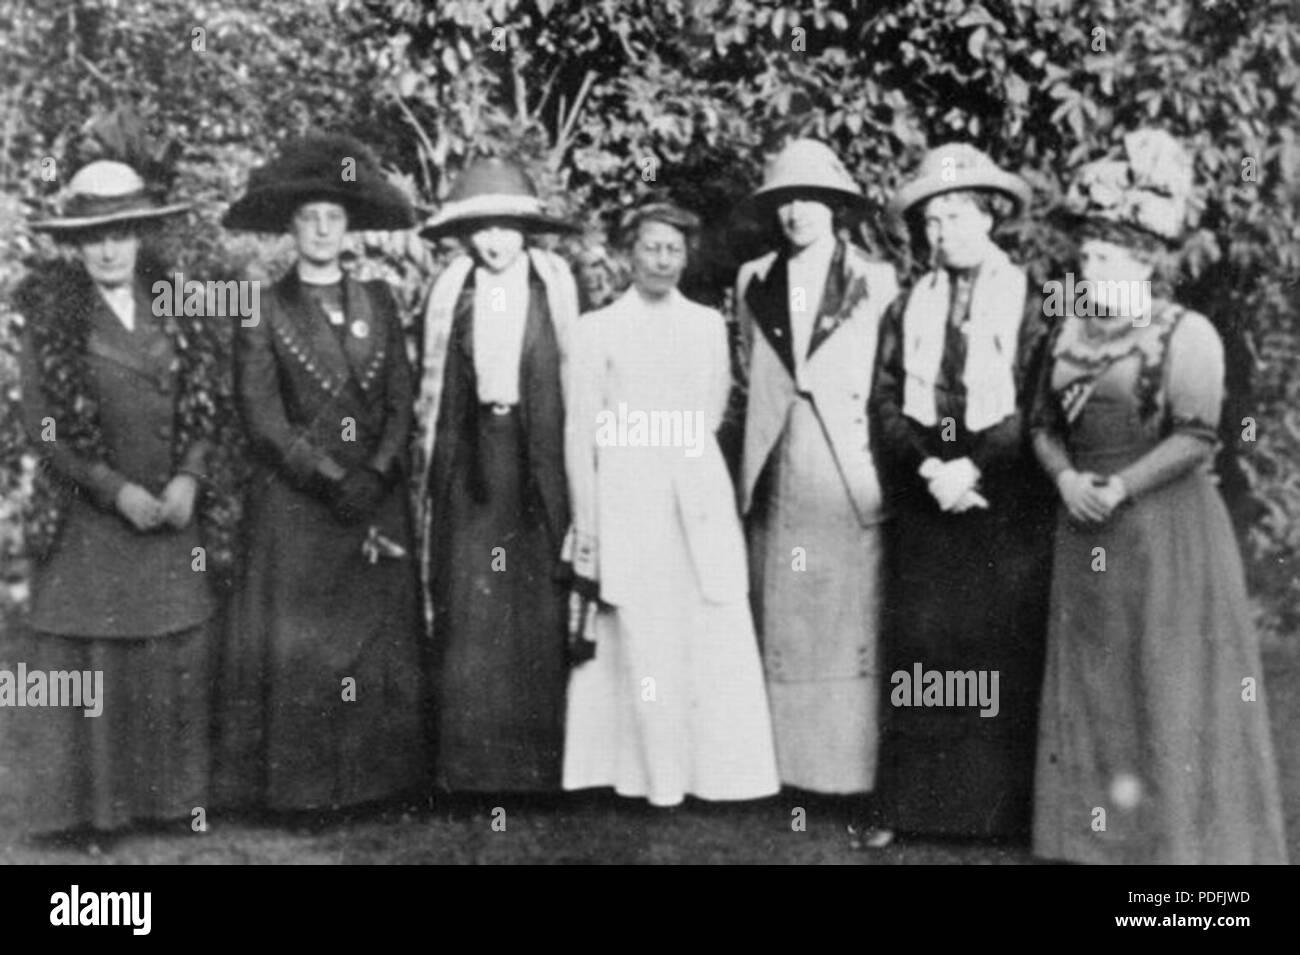 151 Helen Crawfurd, Janet Barrowman, Margaret McPhun, Frau A.A. Wilson, Frances McPhun, Nancy A. John und Annie Swan Stockfoto